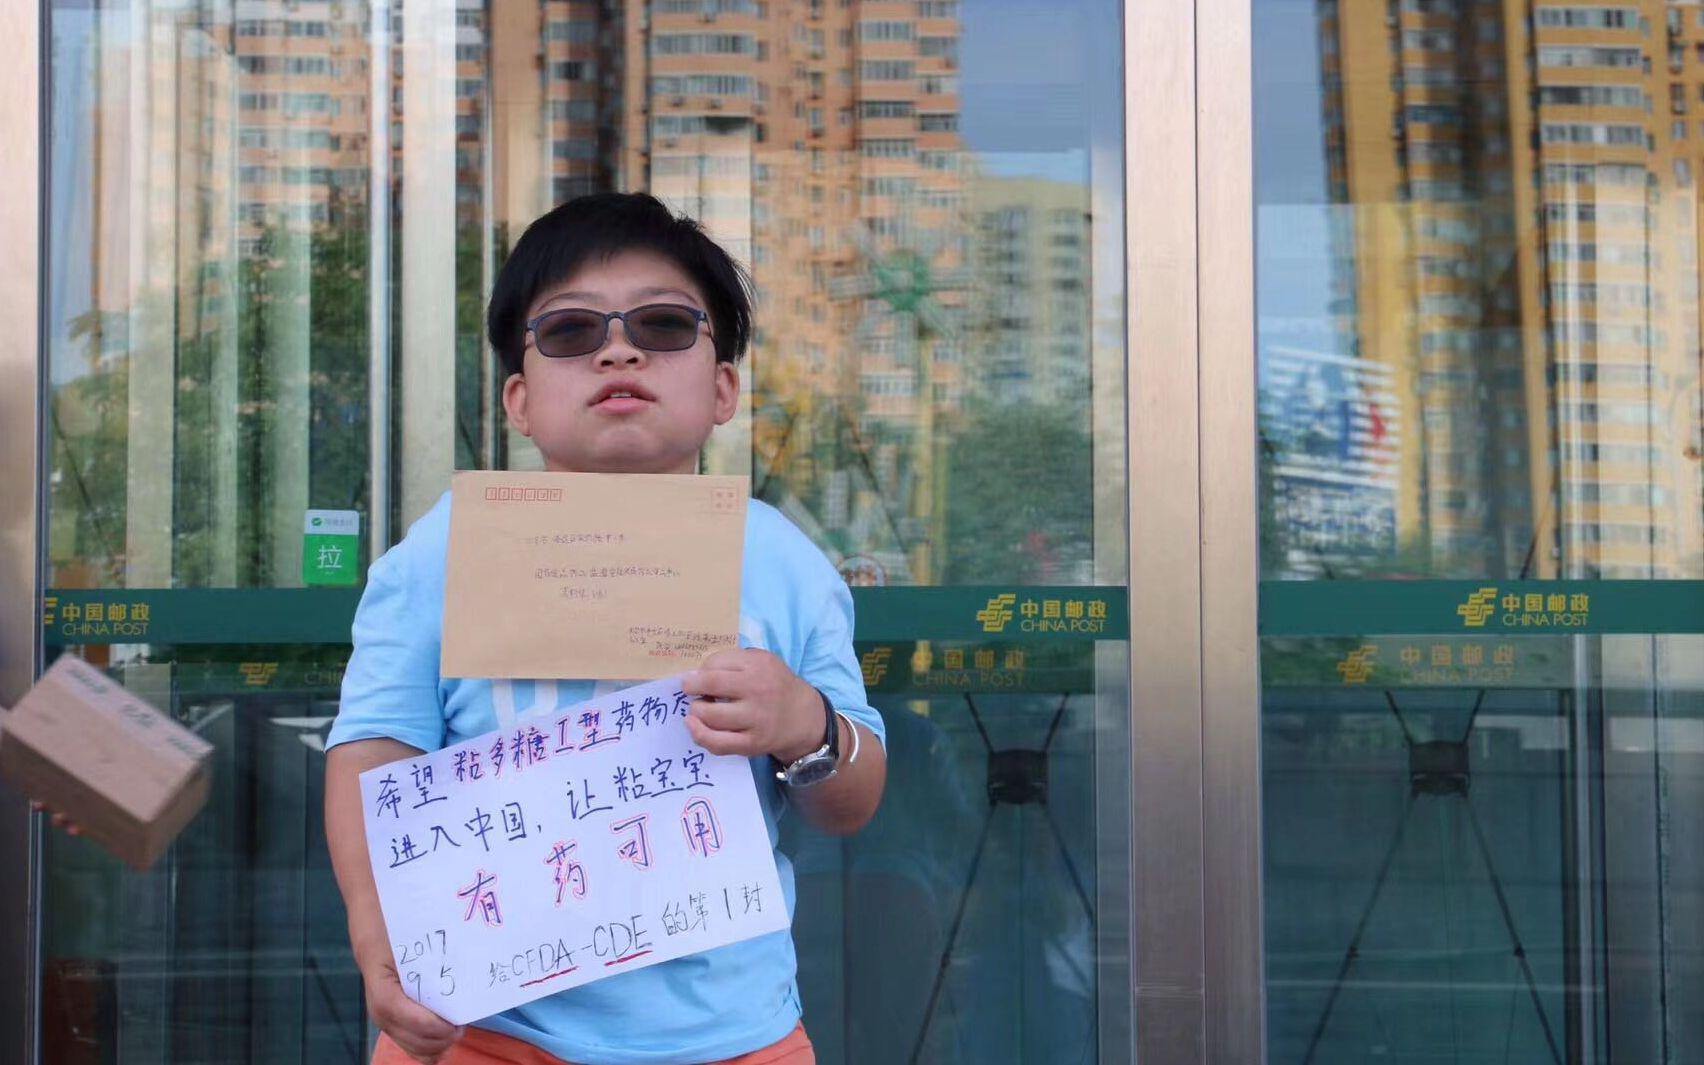 黏多糖贮积症I型患者盼来特效药 赛诺菲艾而赞中国获批图片